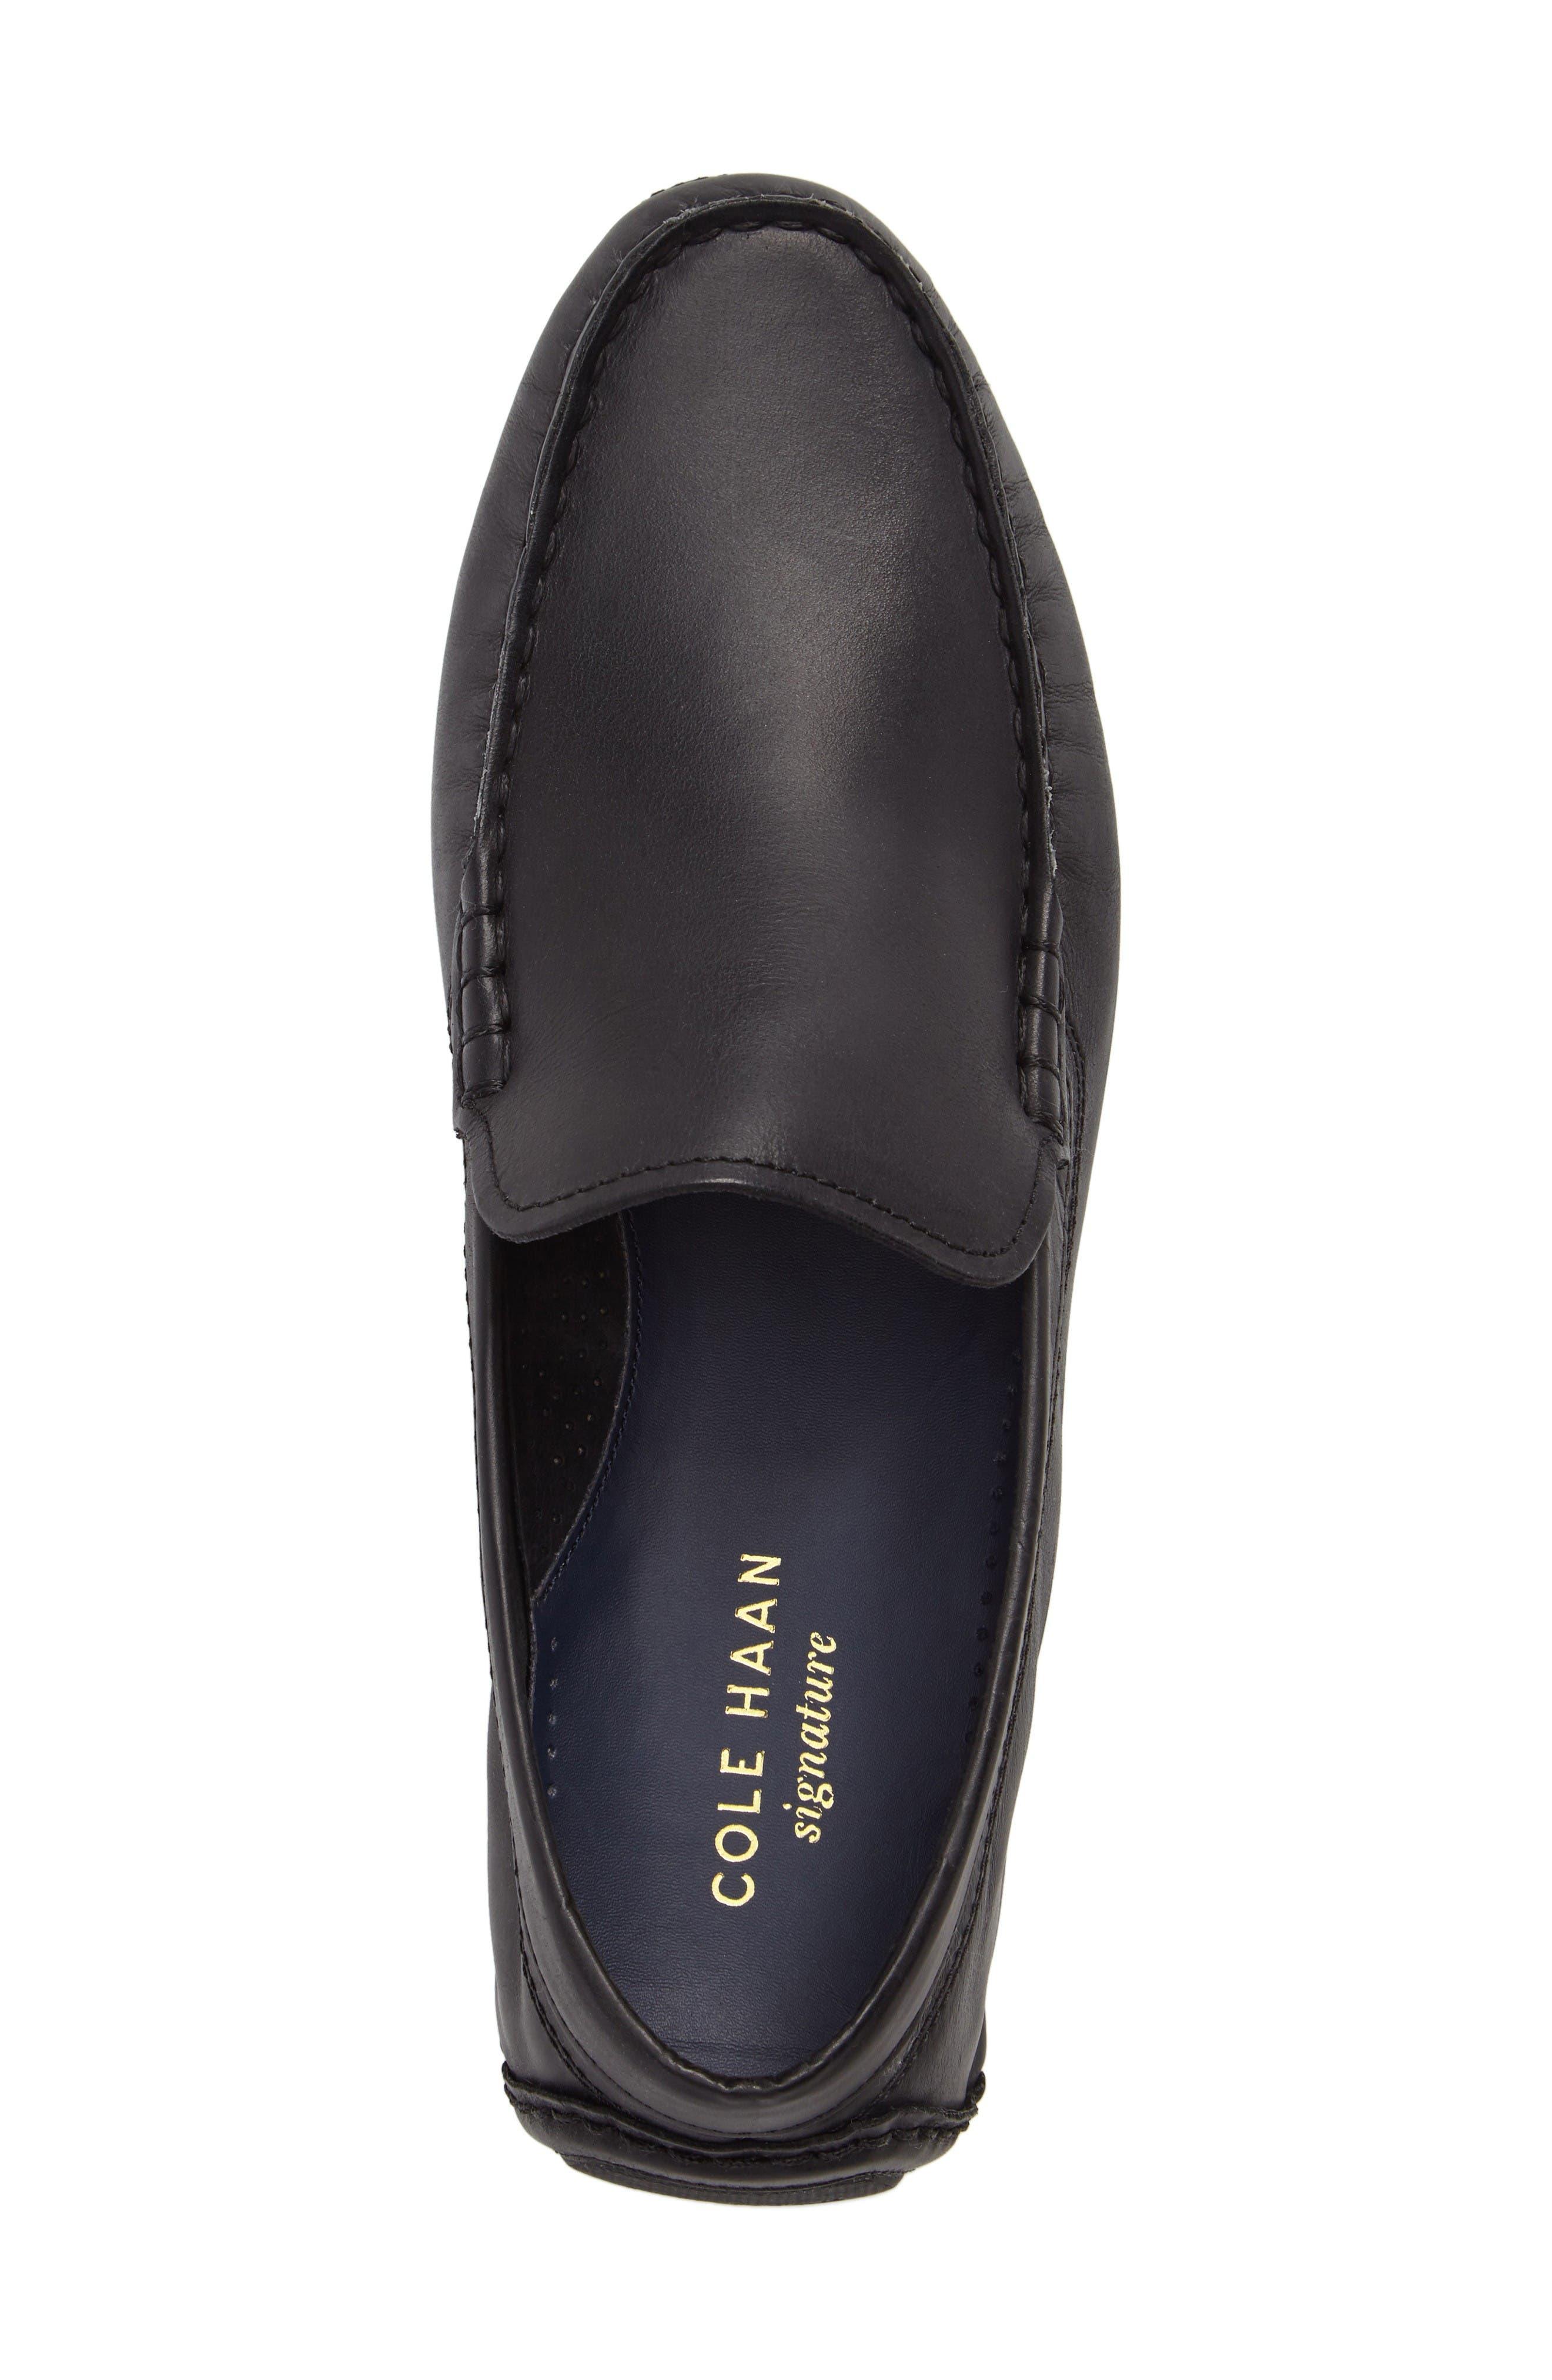 Kelson Venetian Driving Loafer,                             Alternate thumbnail 5, color,                             Black